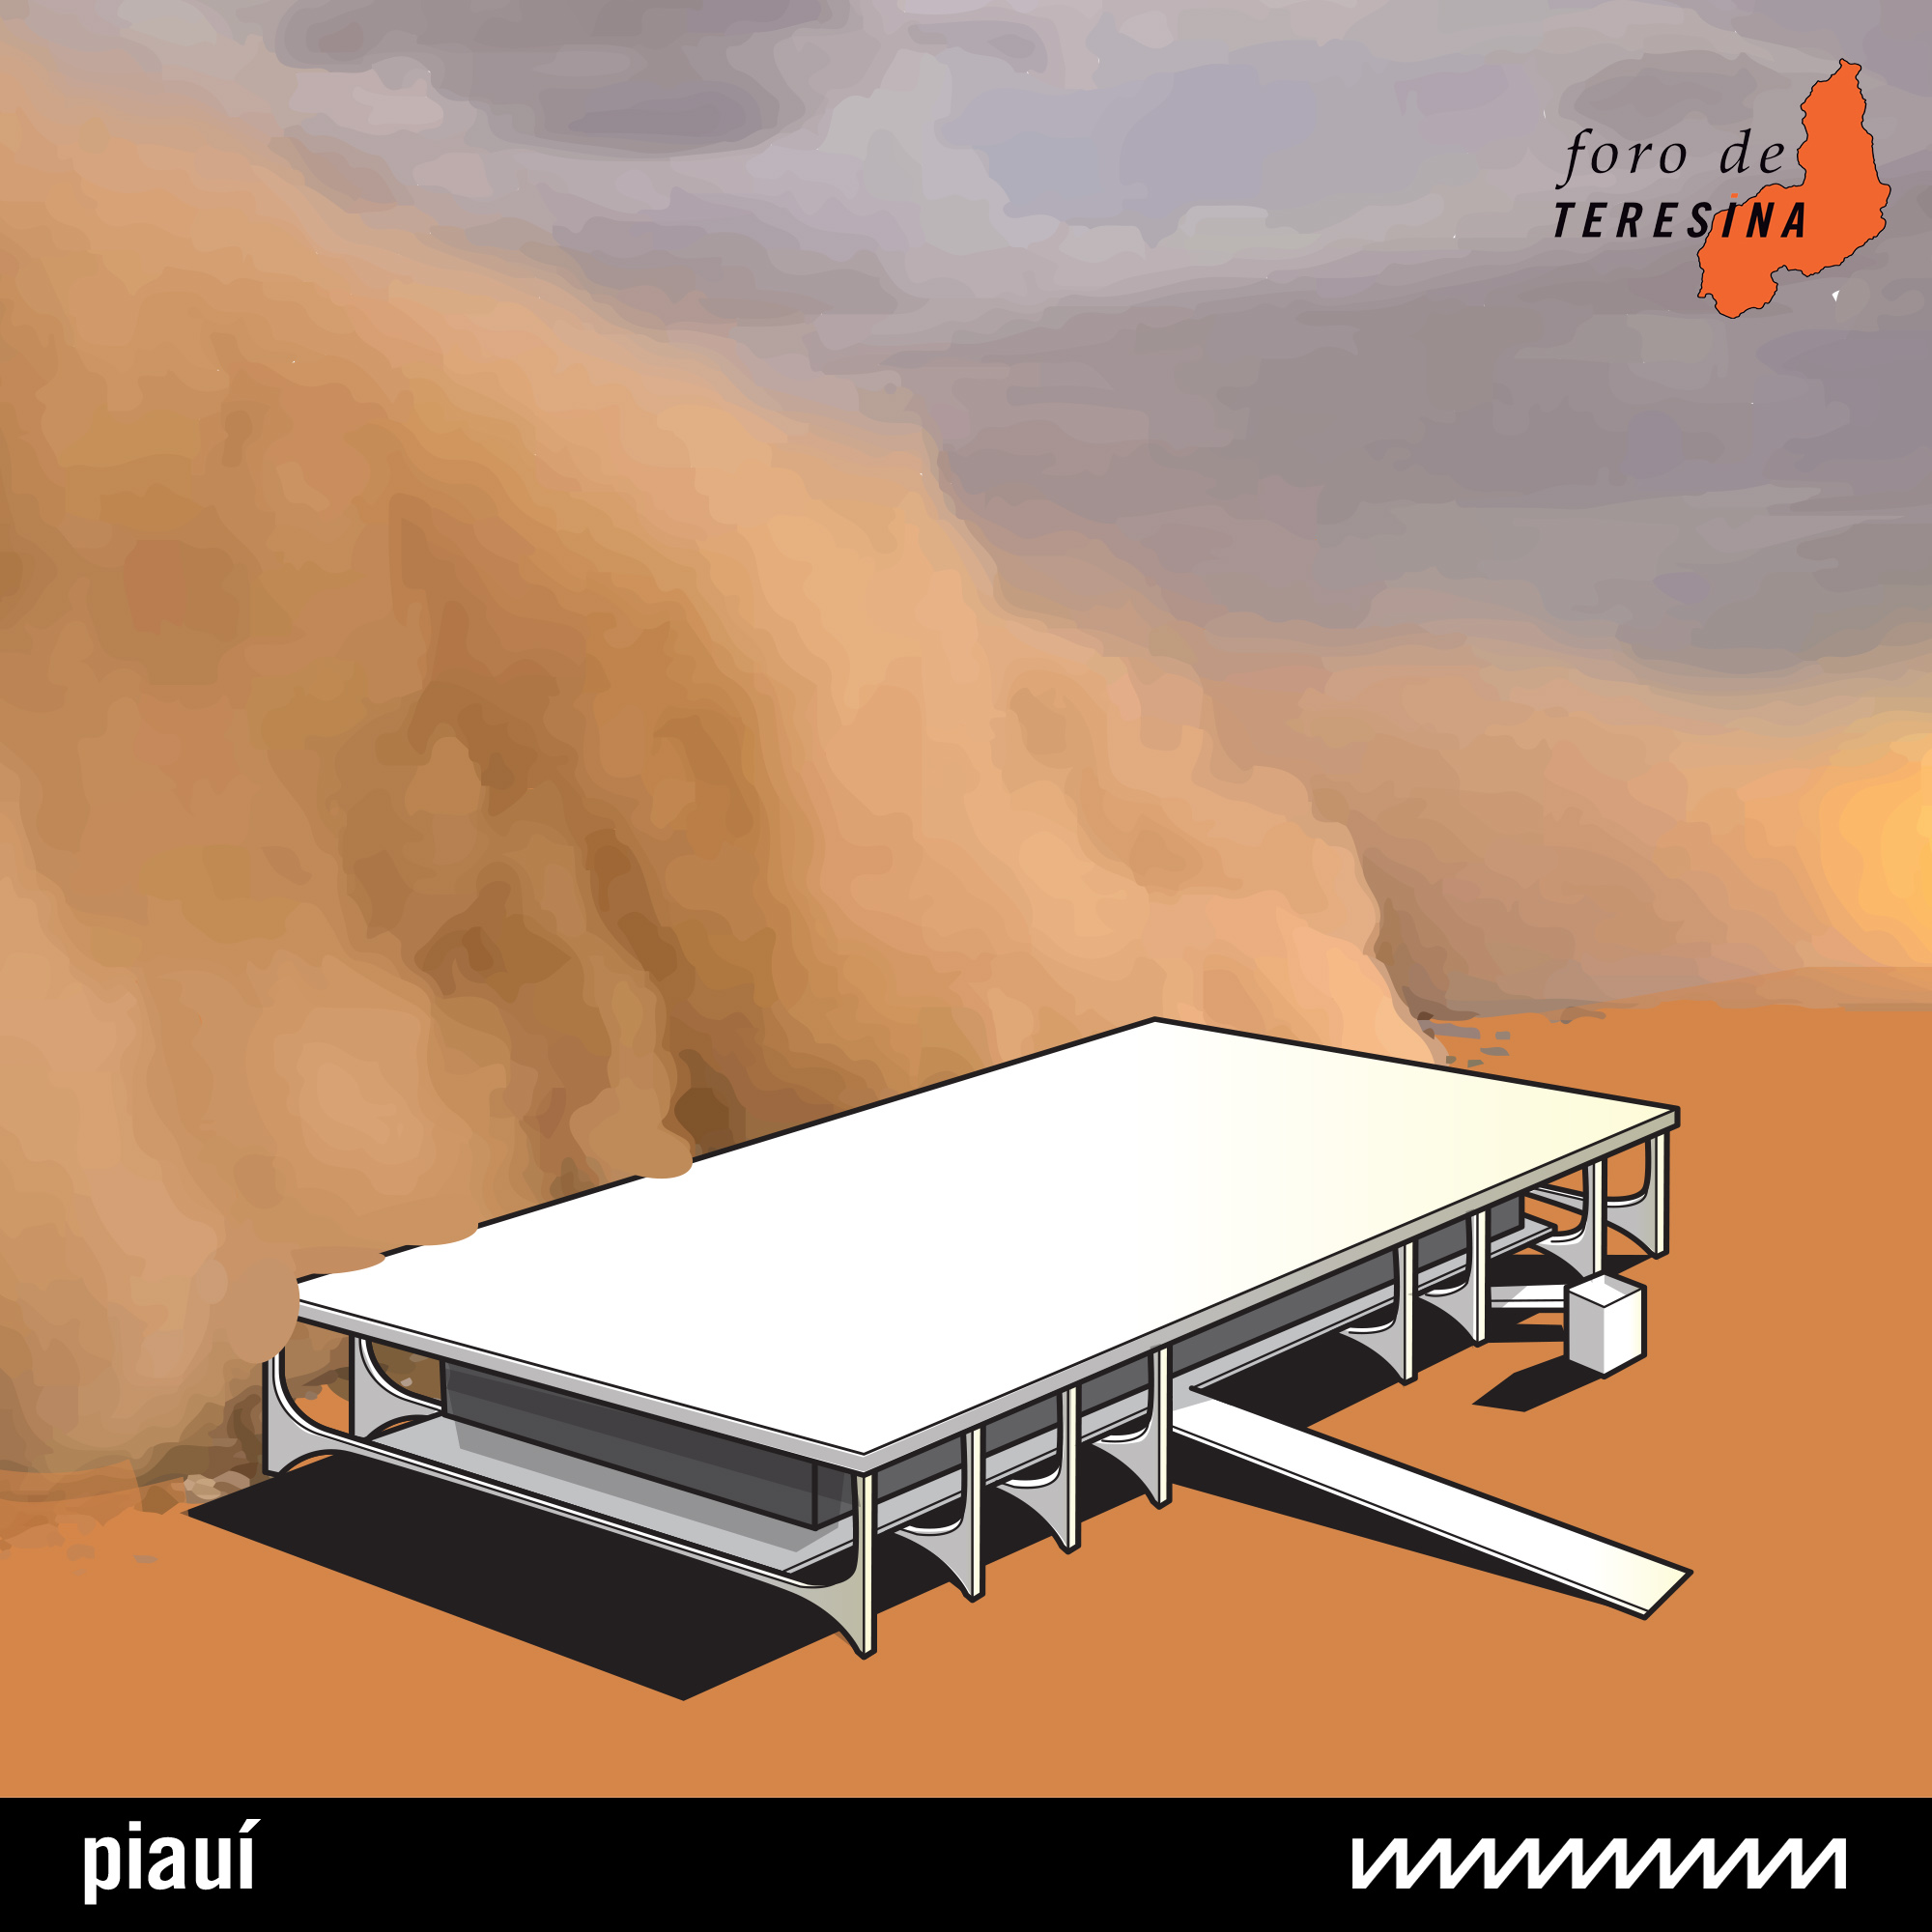 #170: Tempestade de areia sobre o Planalto